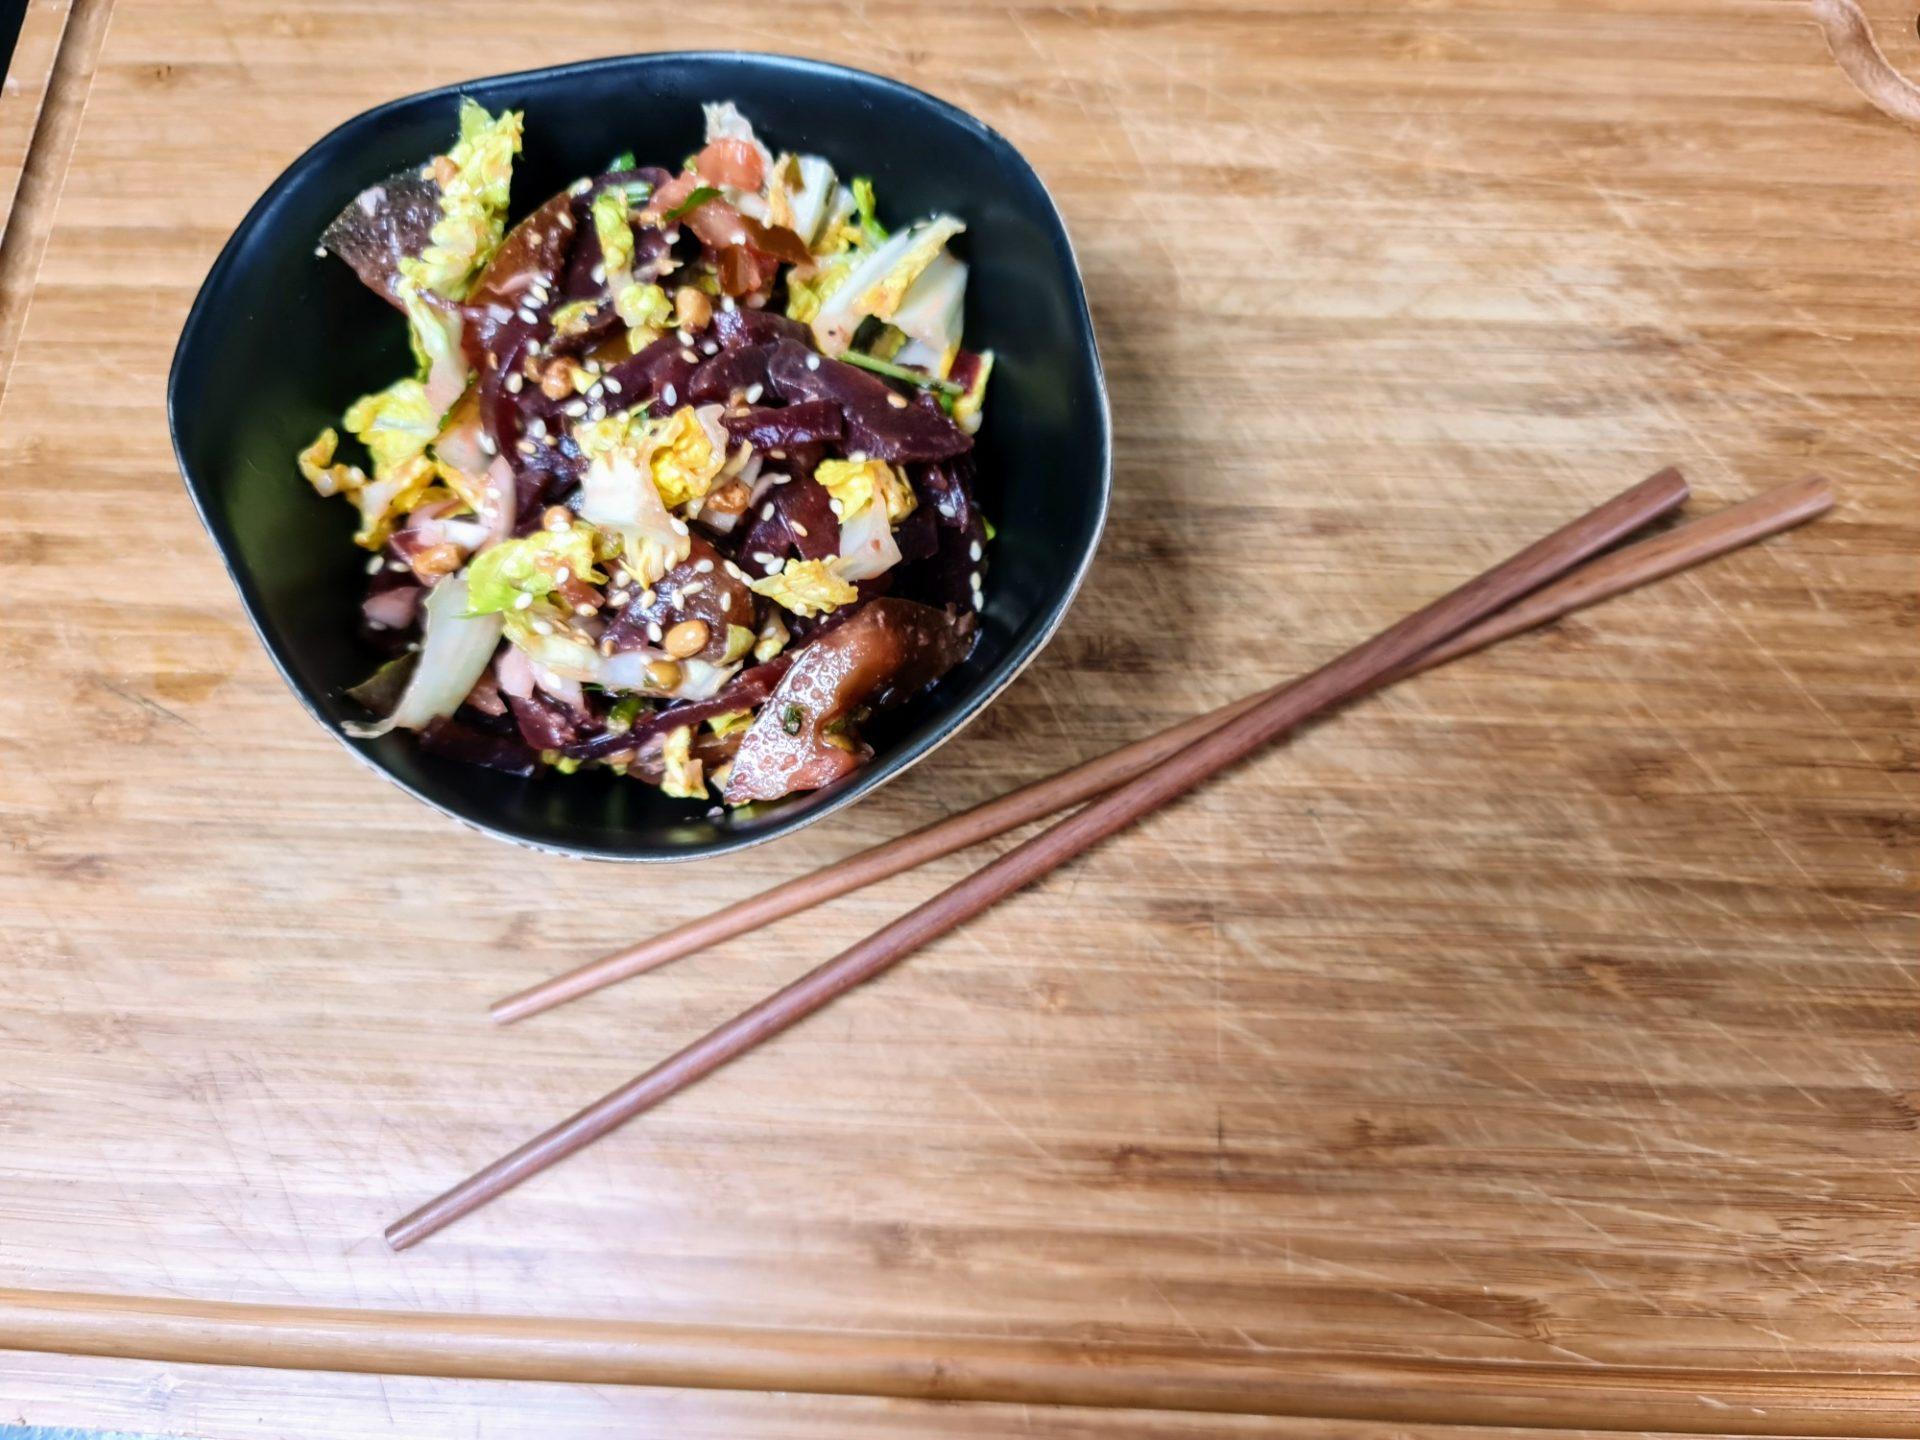 Salade de crudités dans un bol